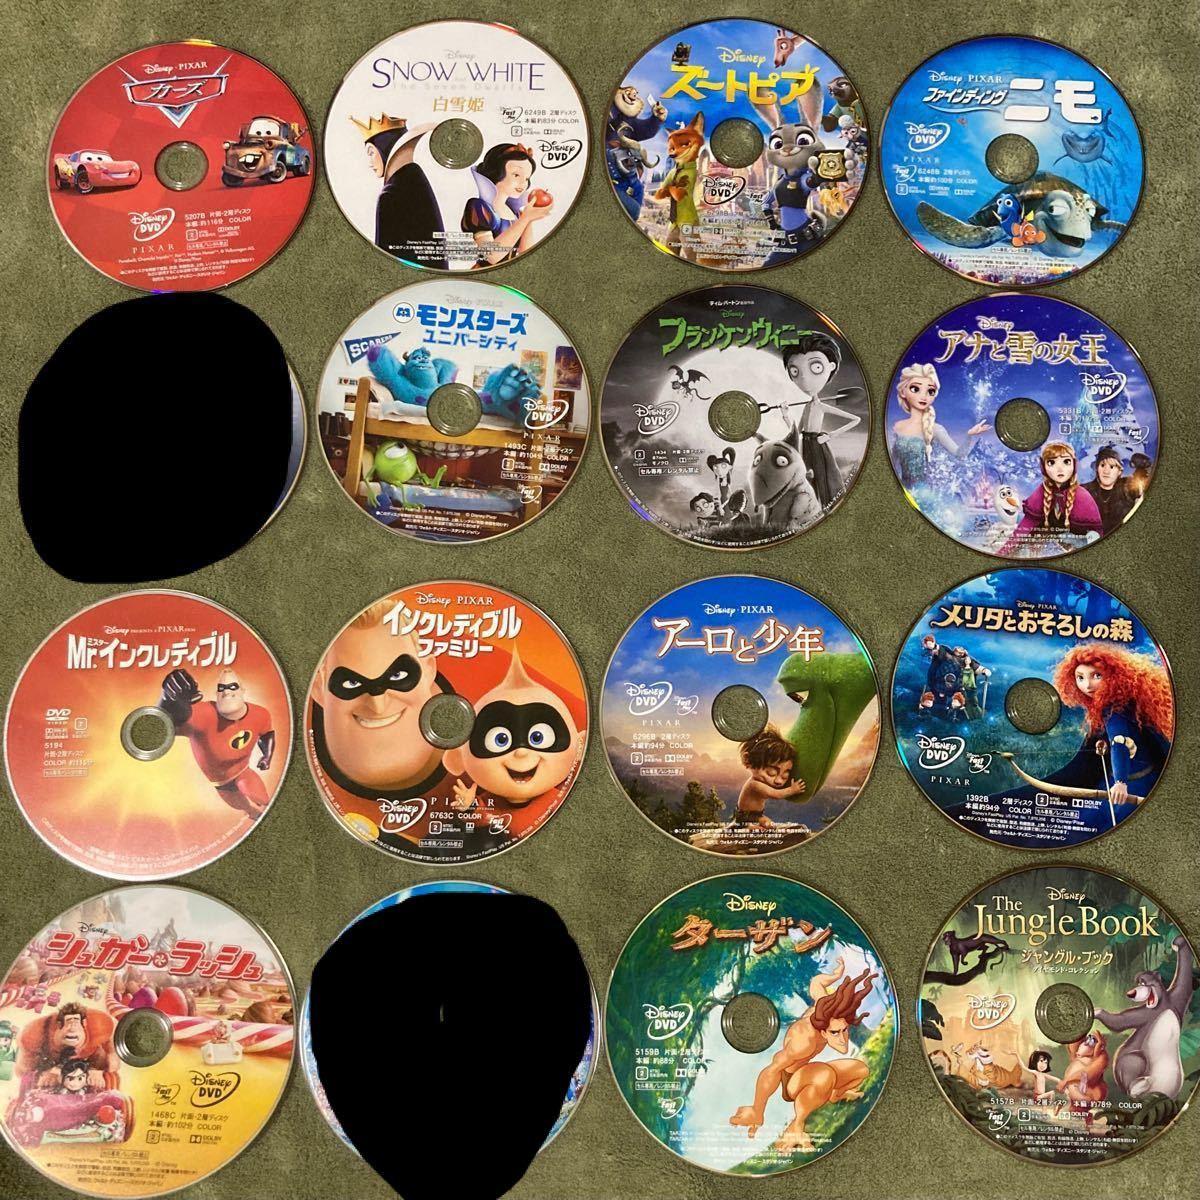 ディズニー14作品まとめ売り DVDディスク